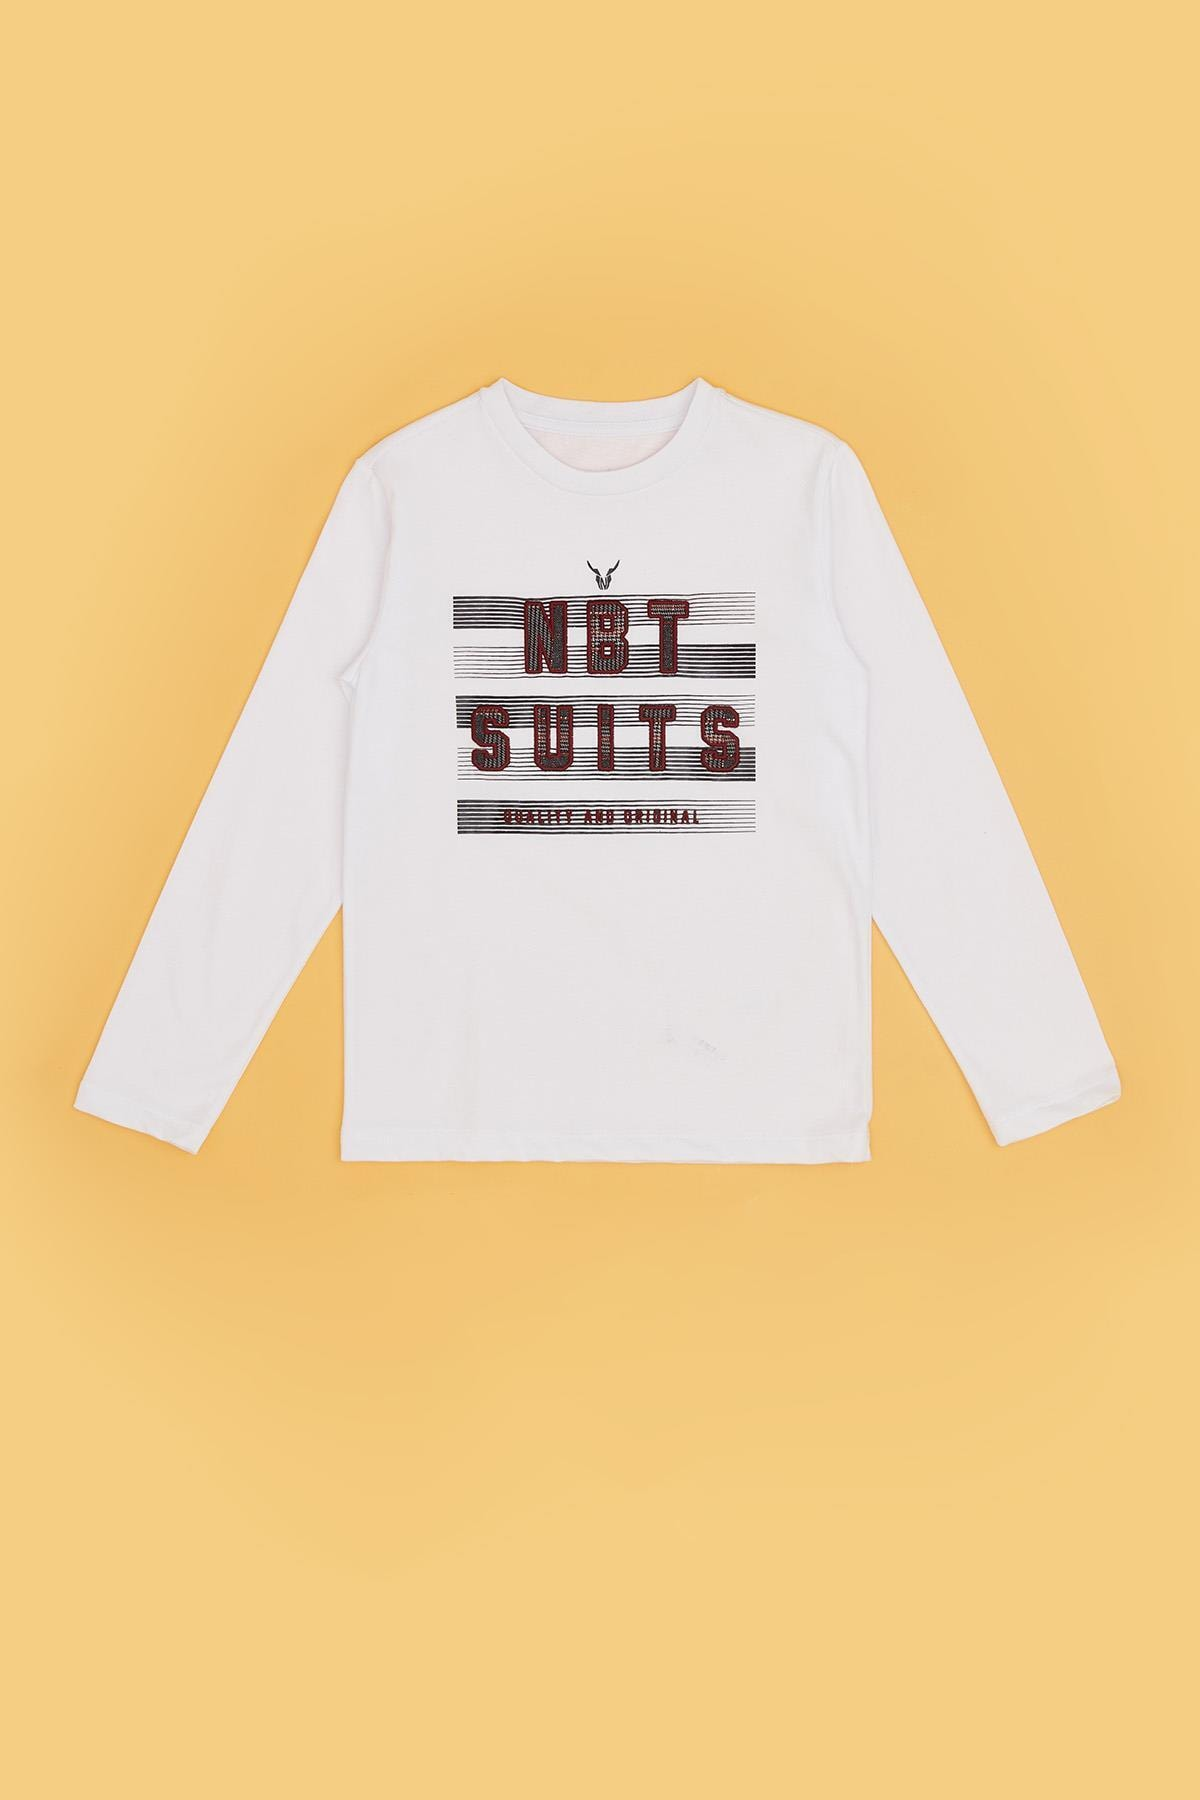 Nebbati Erkek Çocuk Ekru T-shirt 20fw0nb3522 2